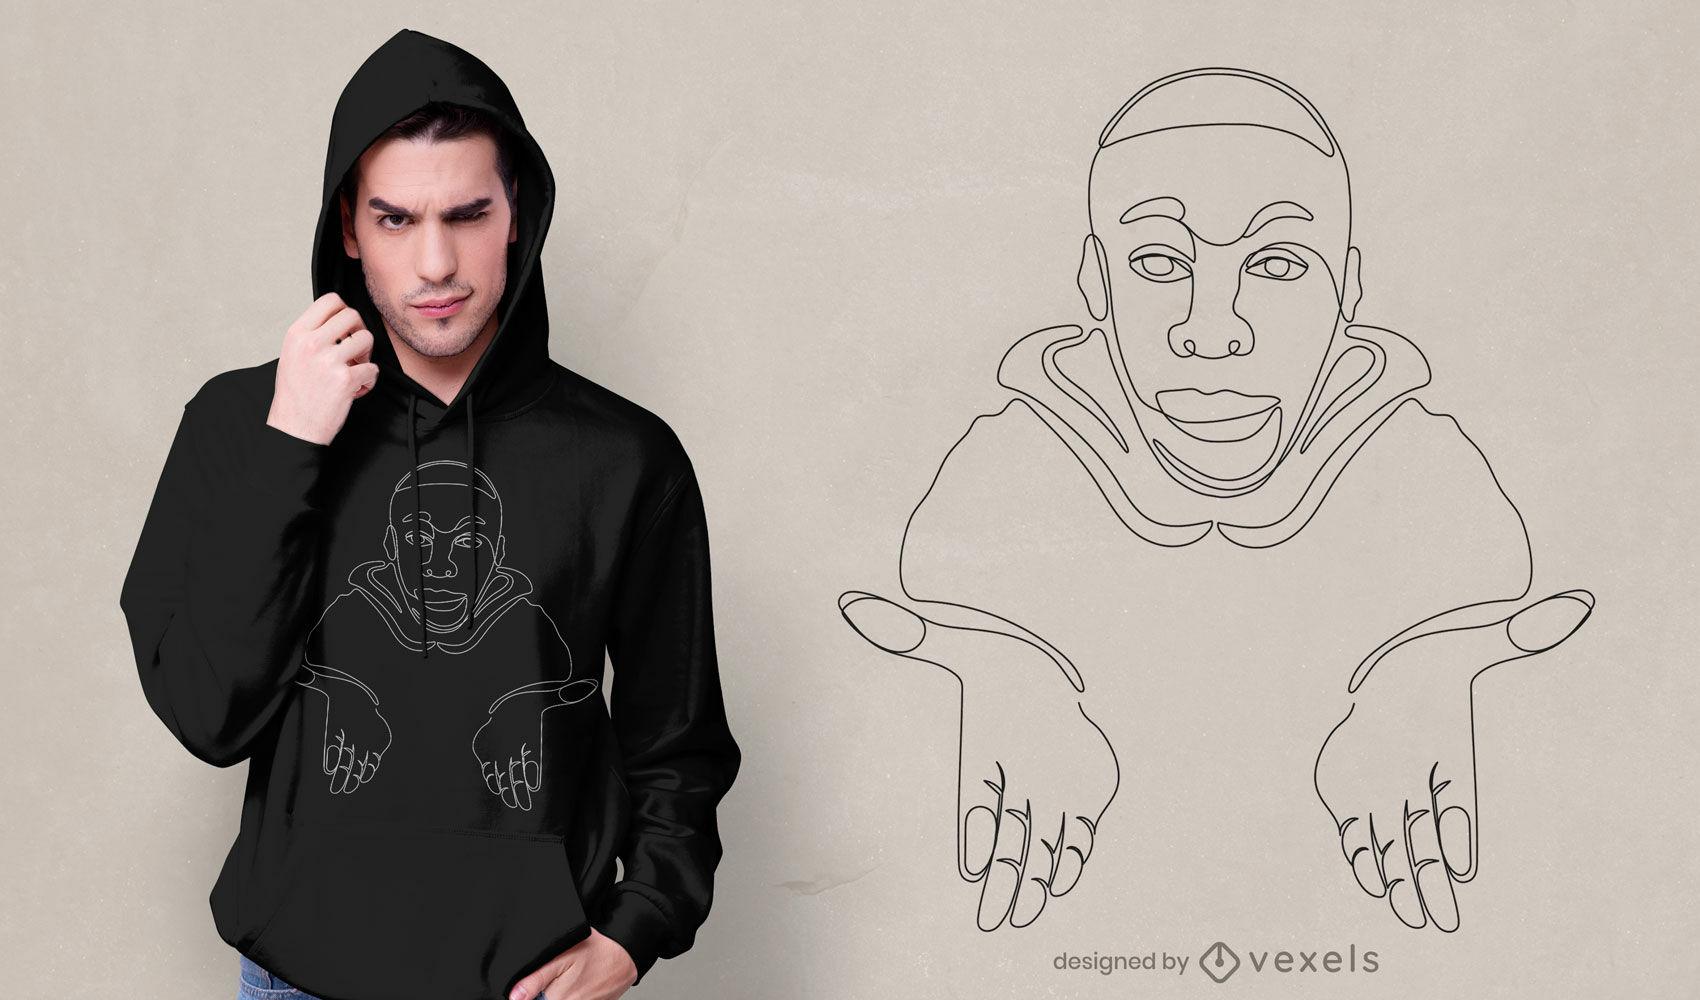 Diseño de camiseta de meme de reacción inexpresiva